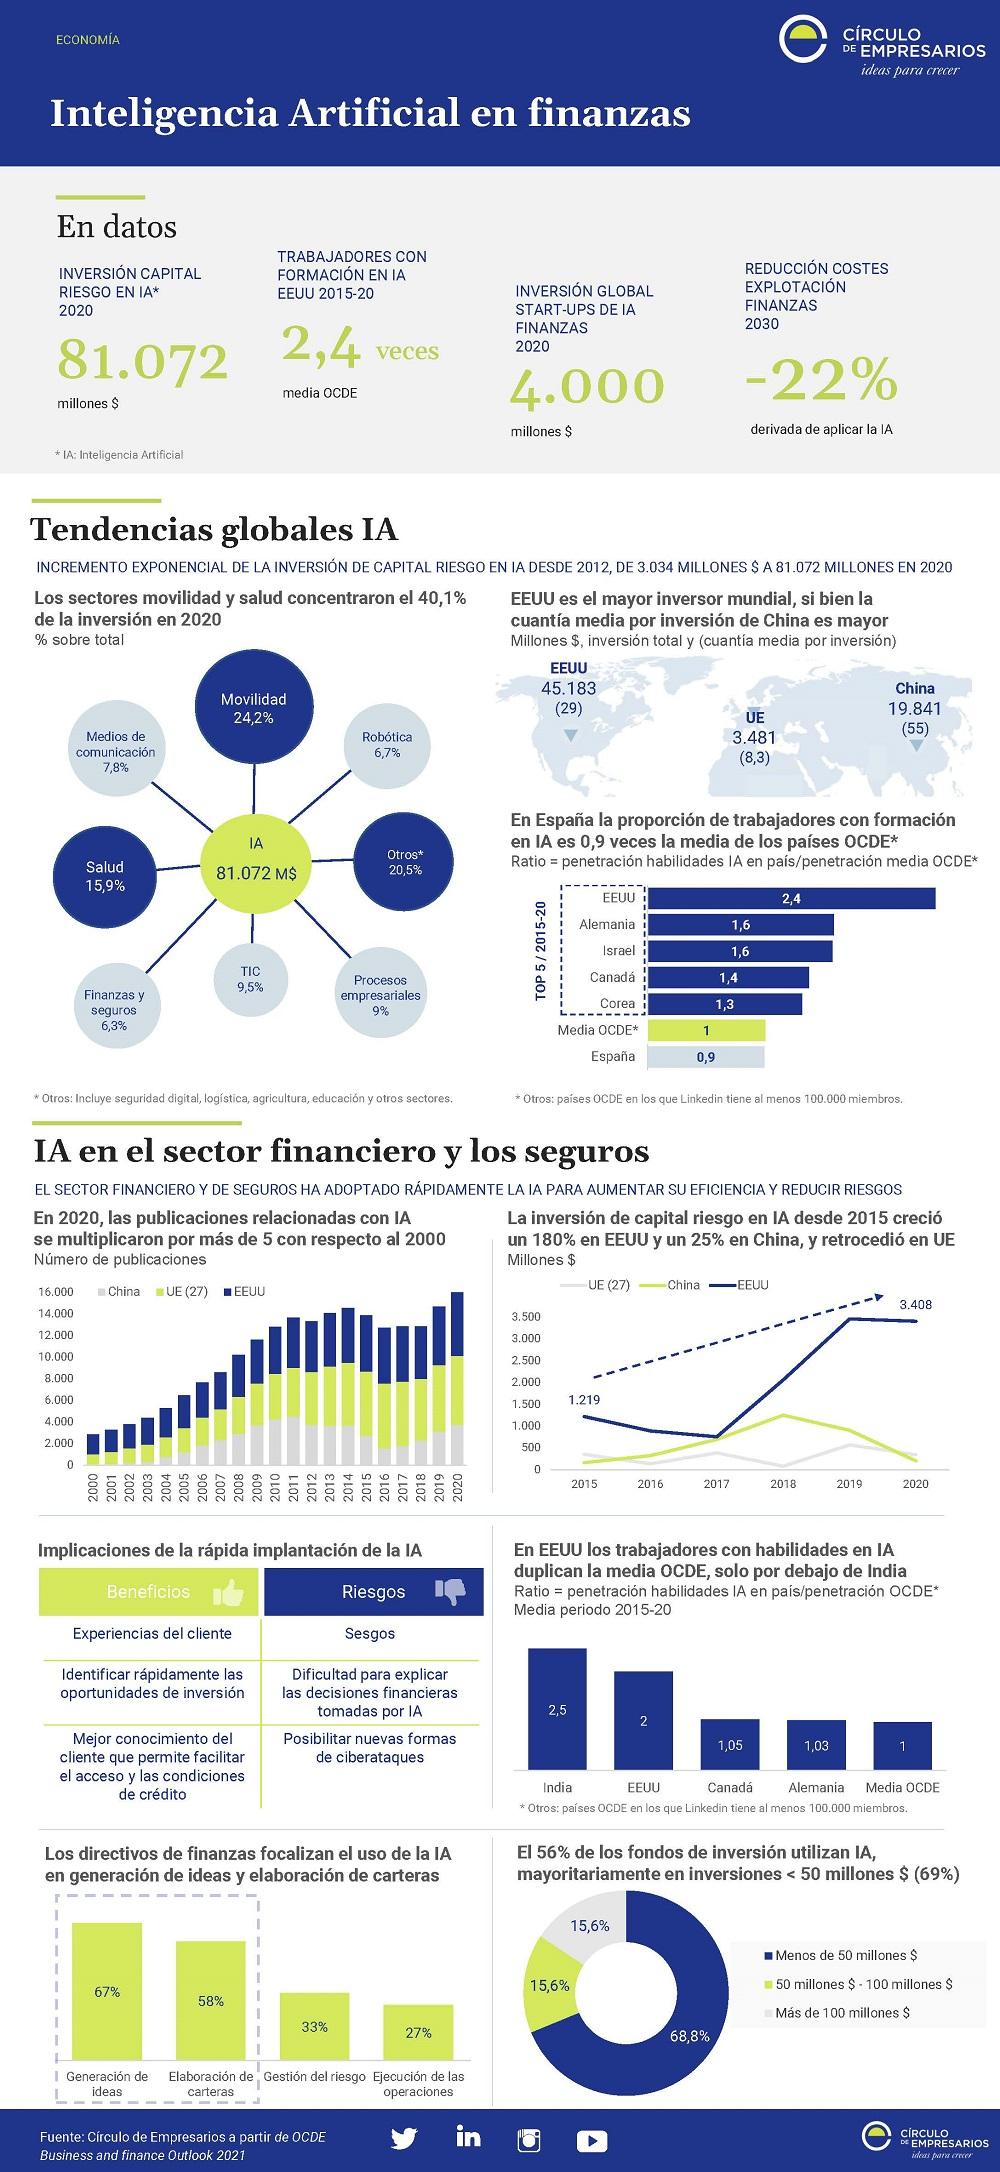 Inteligencia-Artificial-en-finanzas-Infografia-Octubre-2021-Circulo-de-Empresarios